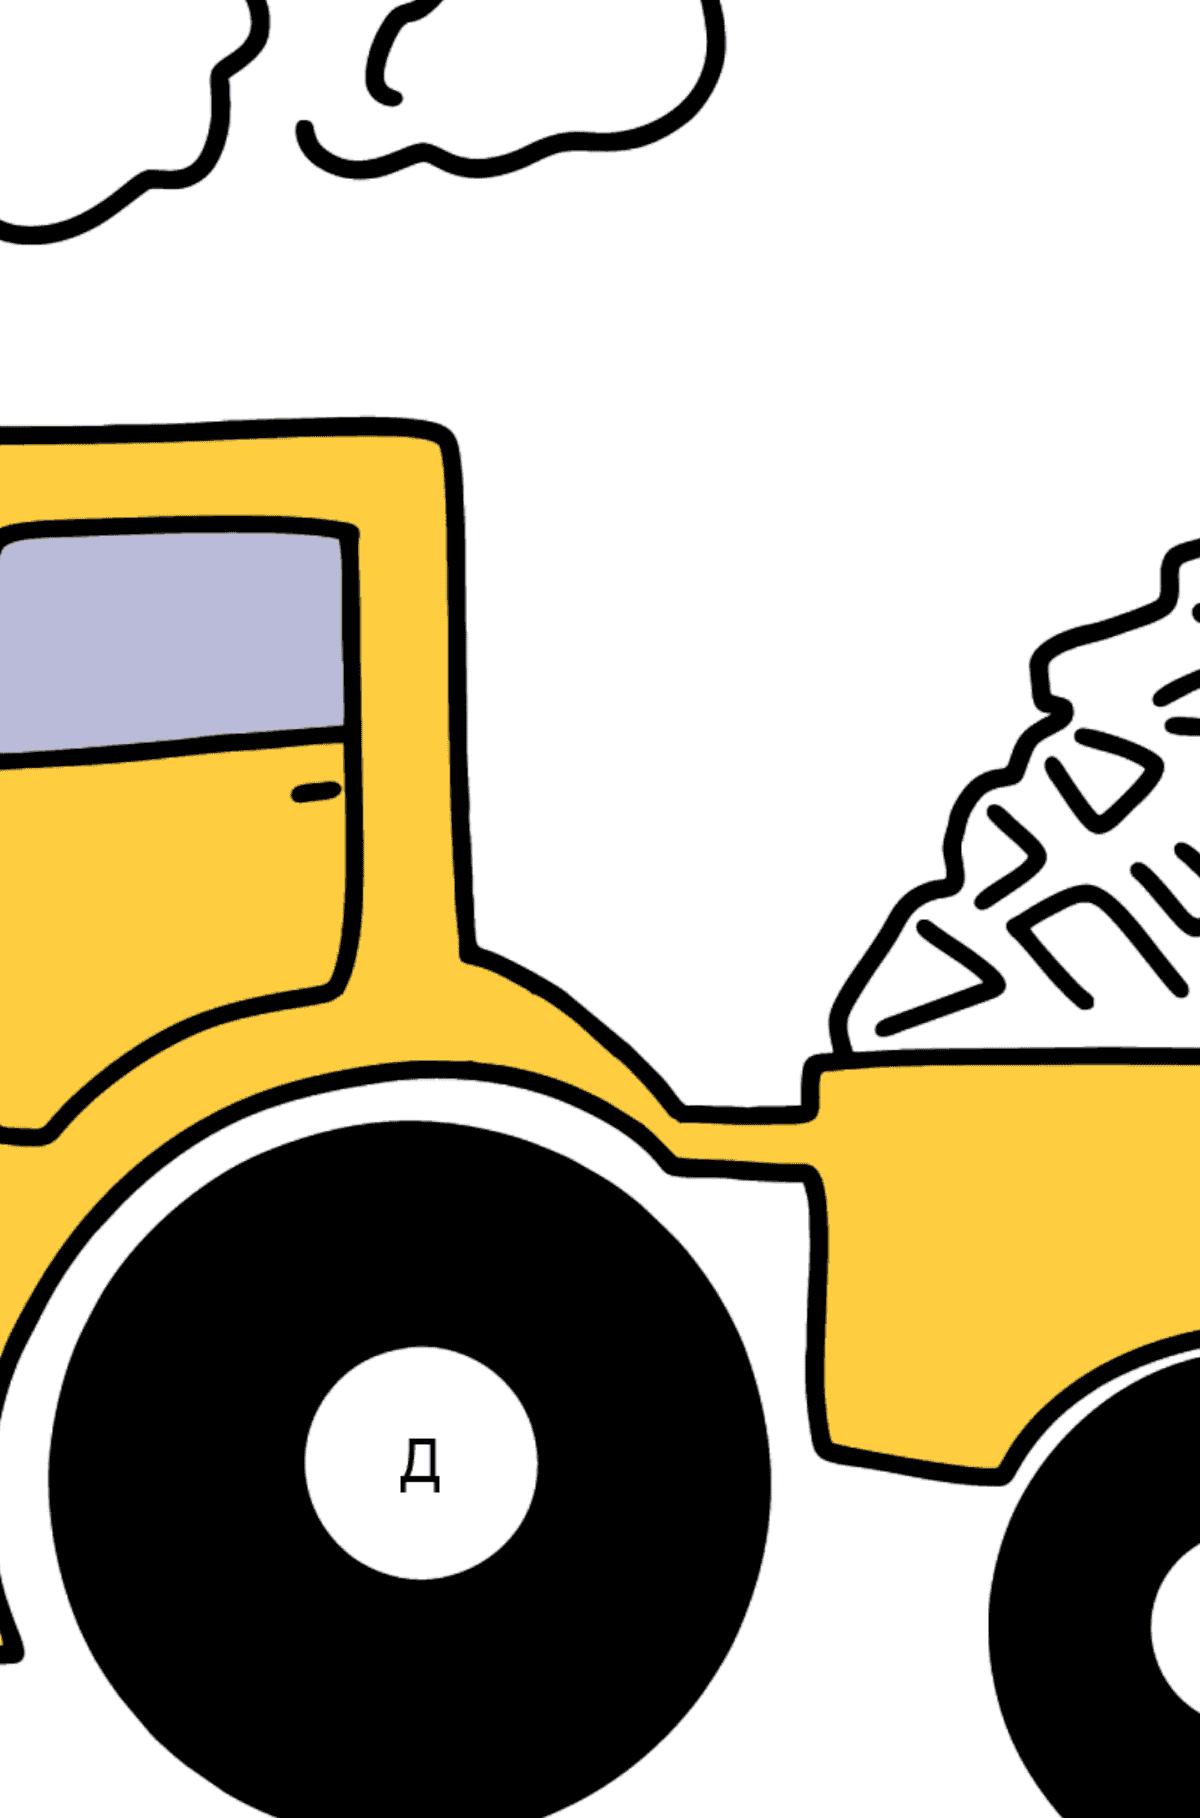 Раскраска трактор с дровами - Раскраска по Буквам для Детей